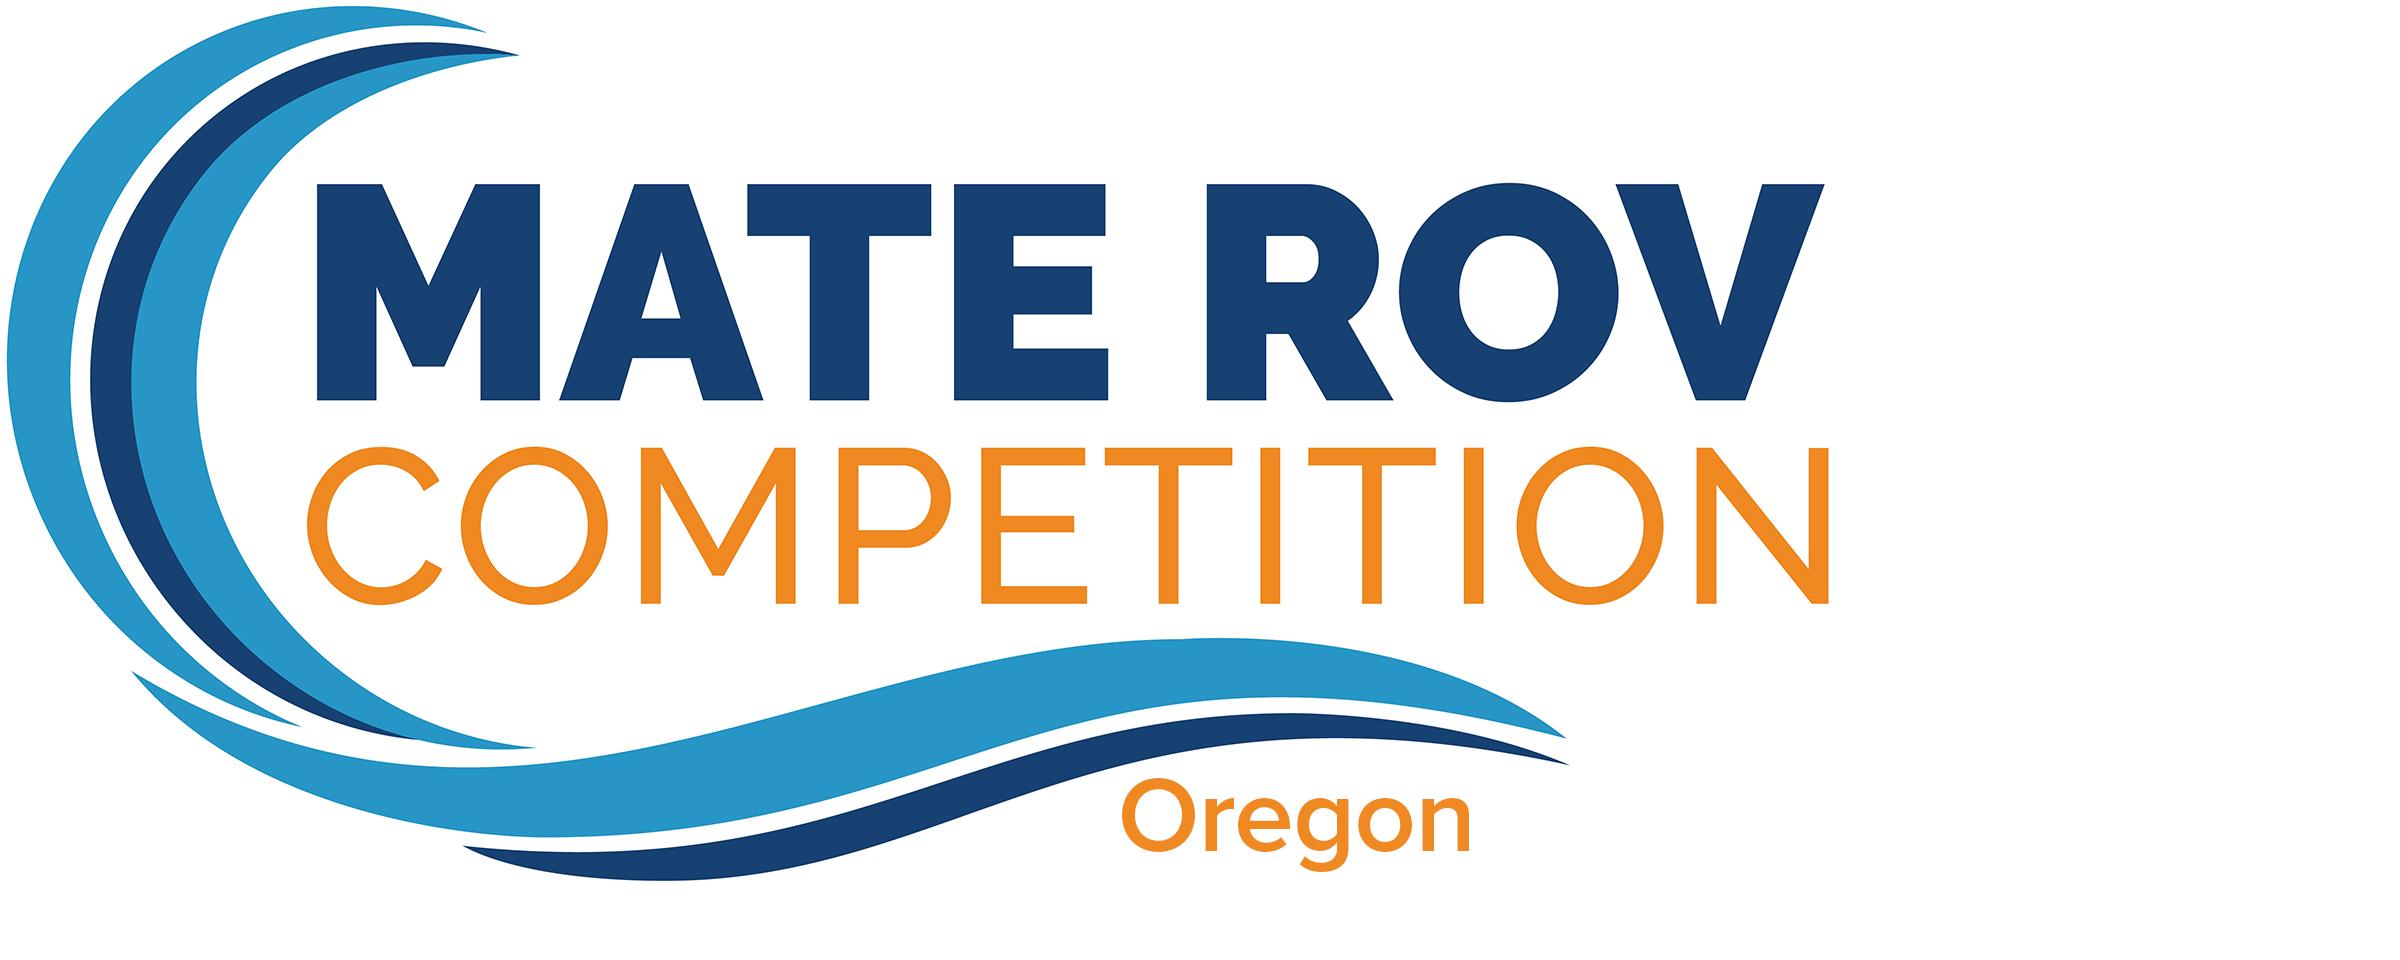 Northern Gulf Coast Regional ROV Competition logo